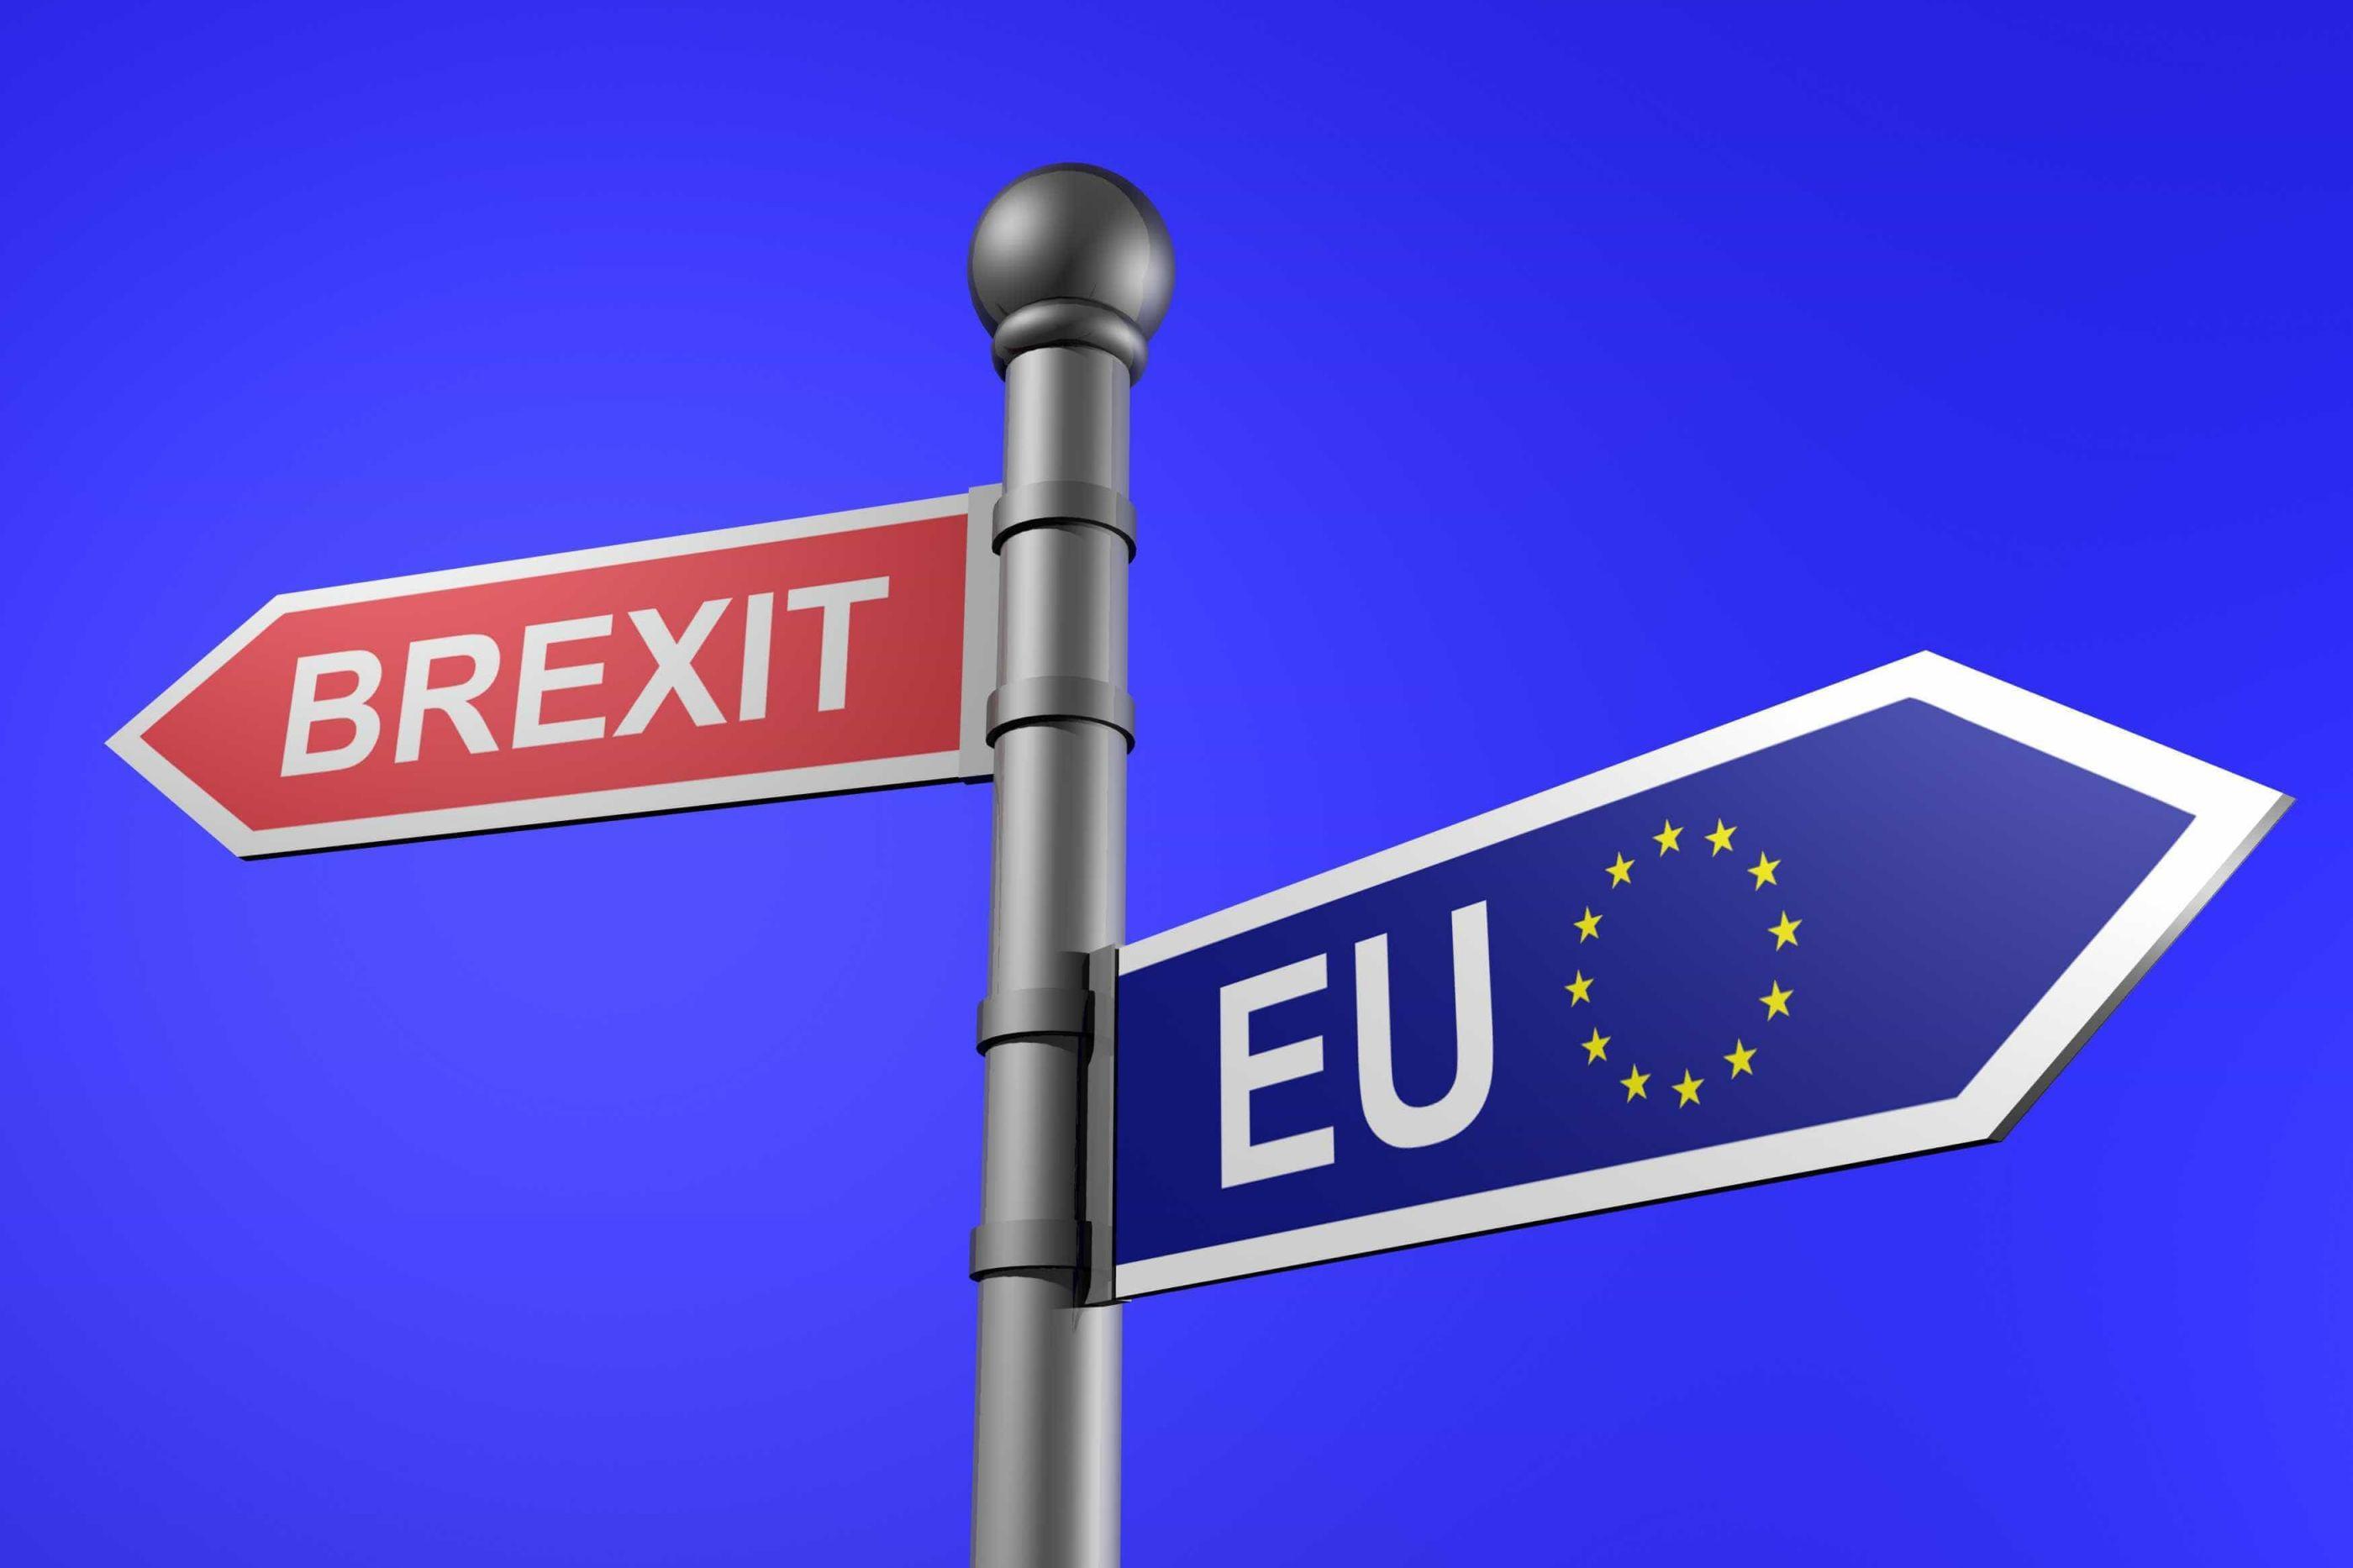 Brexit: Aprovadas medidas de contingência para mitigar saída desordenada